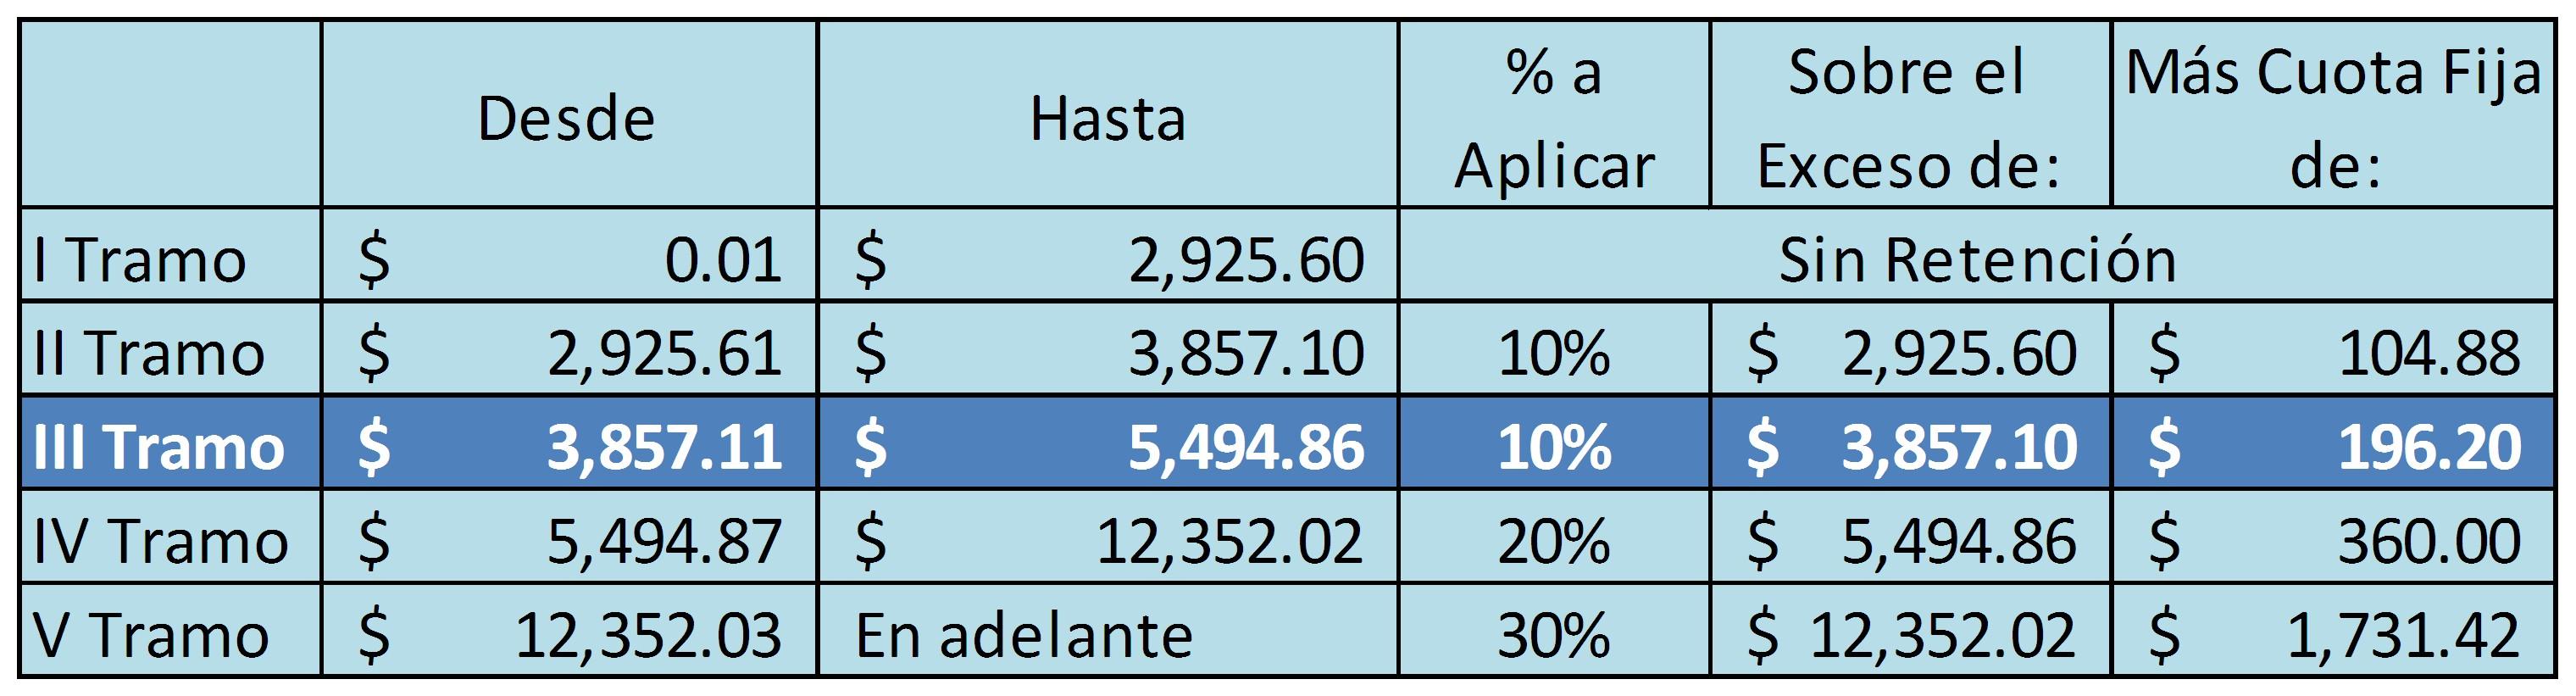 Calcular Impuestos Sueldos Y Salarios Anual 2015 | New